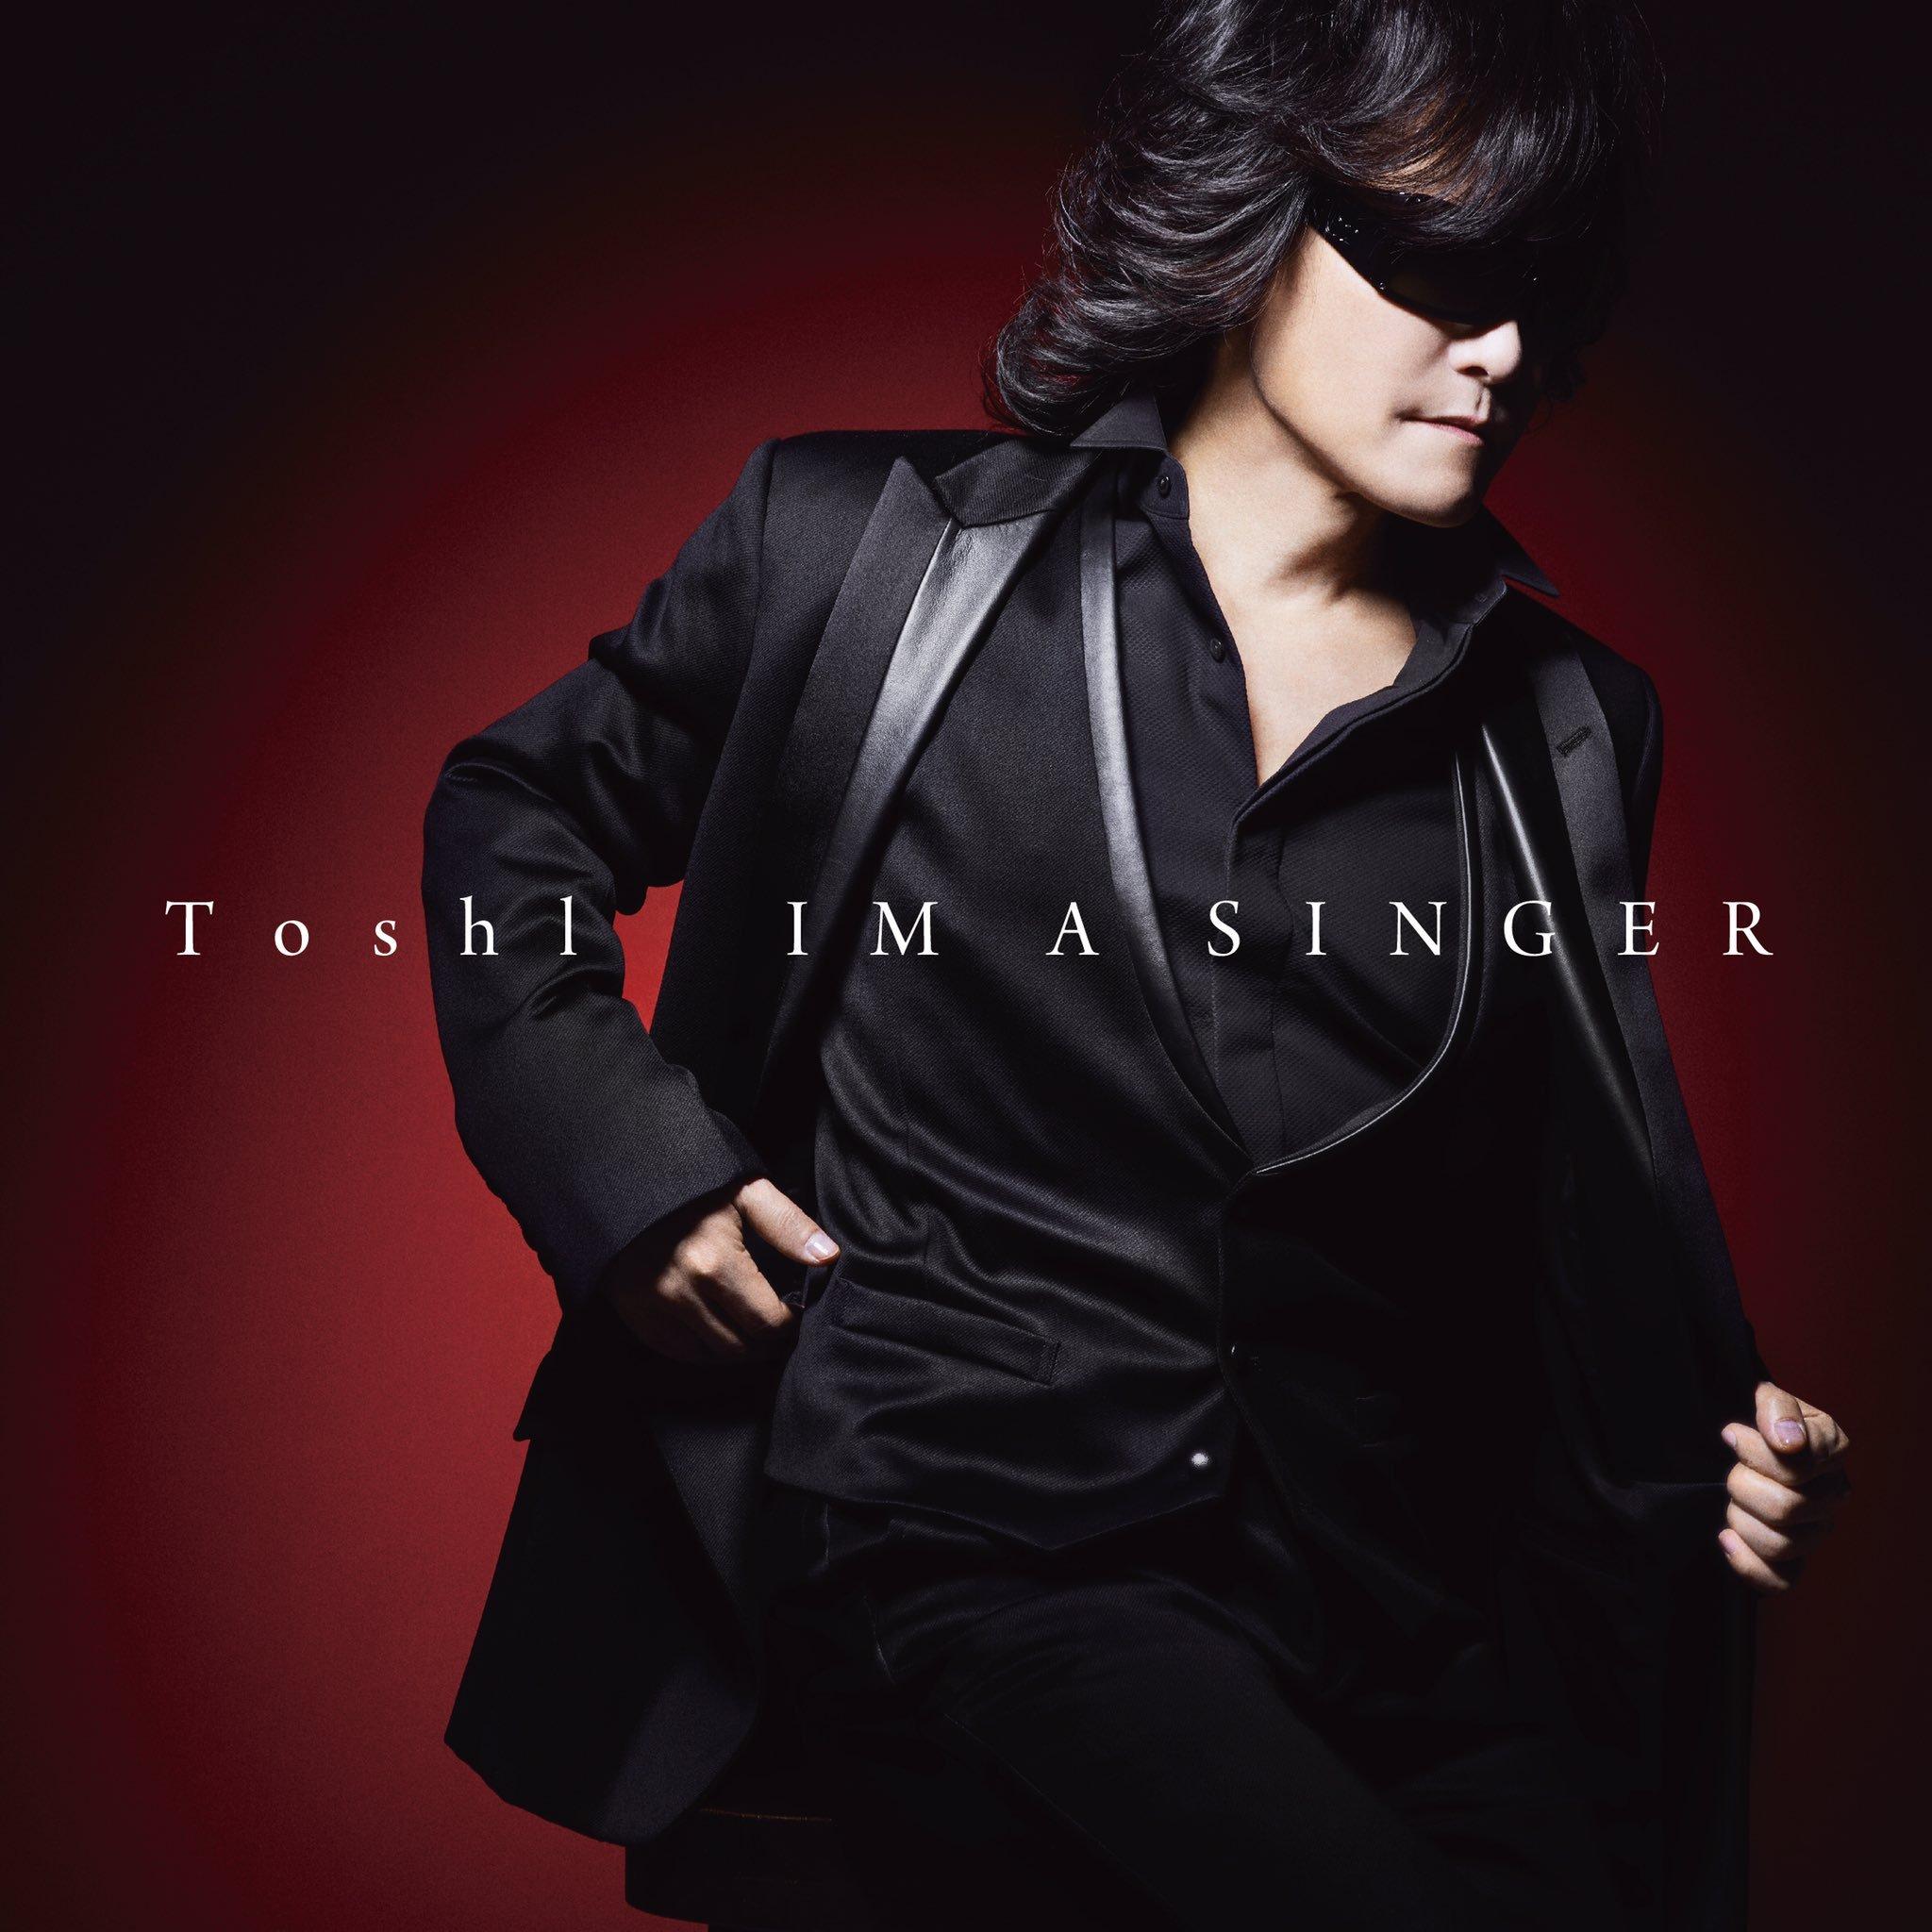 Toshi (トシ) カバーアルバム『IM A SINGER』(2018年11月28日発売) 高画質CDジャケット画像